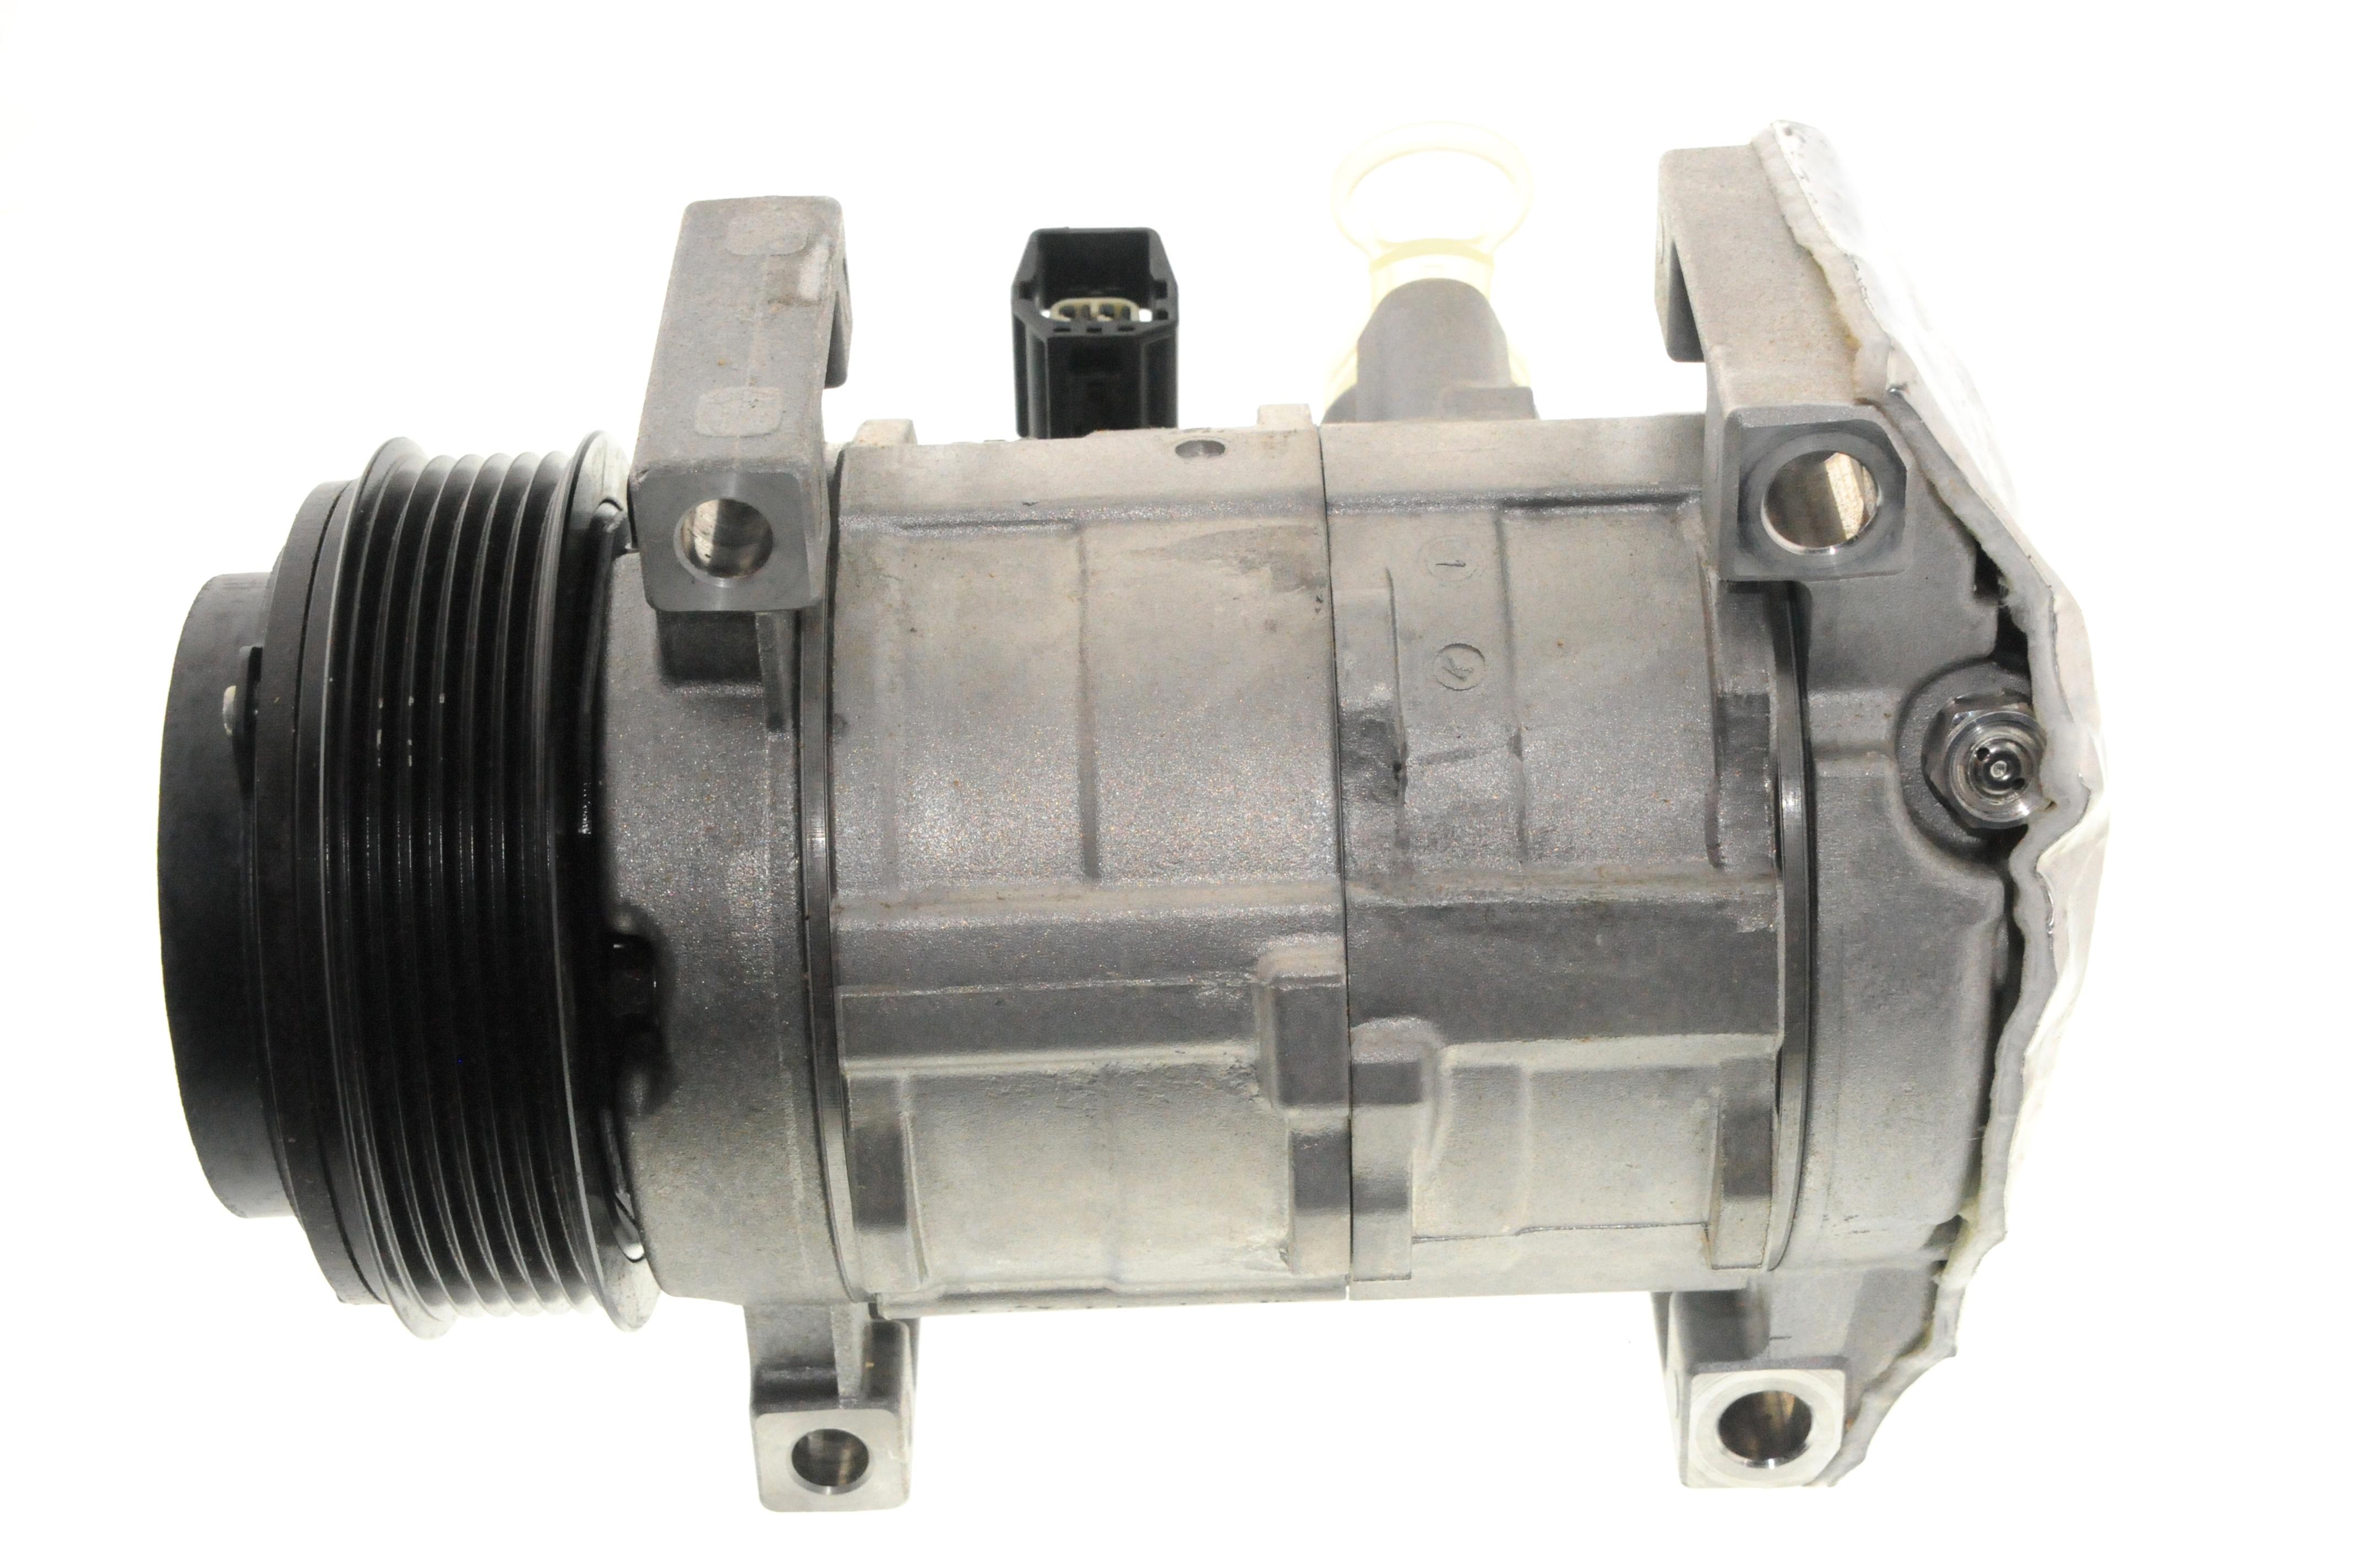 ACDELCO GM ORIGINAL EQUIPMENT - A/C Compressor and Clutch - DCB 15-21593